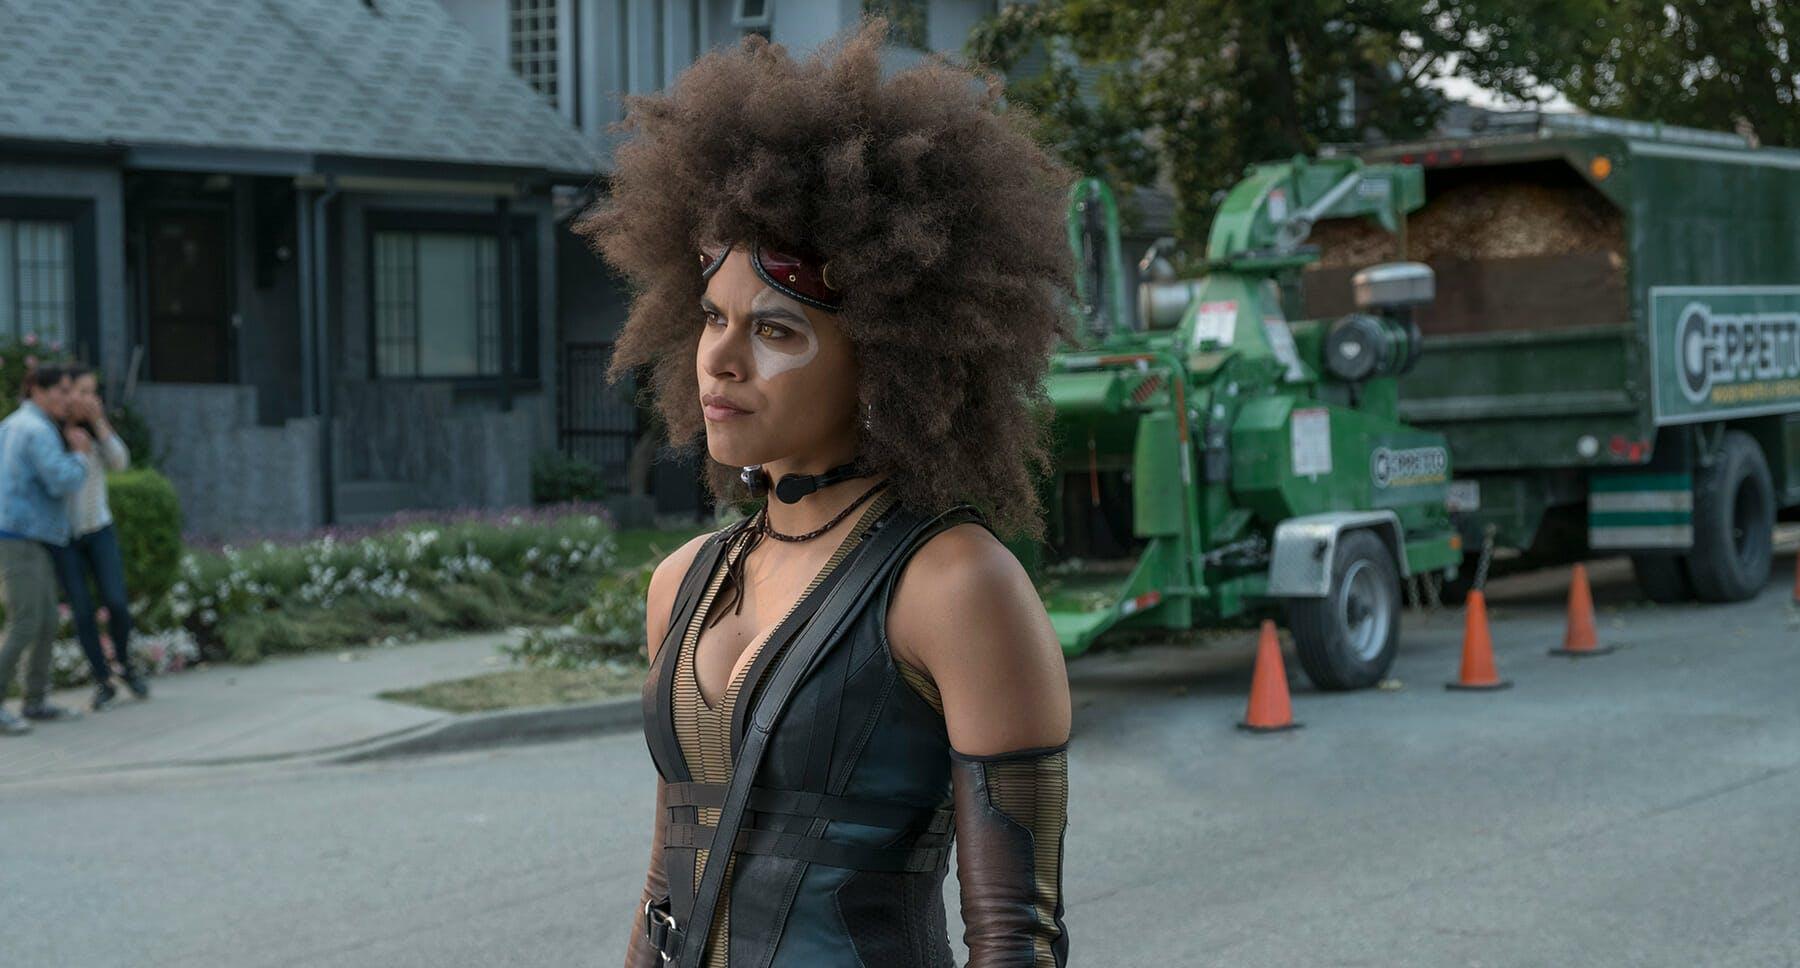 deadpool 2's Zazie Beetz has been cast in the joker movie